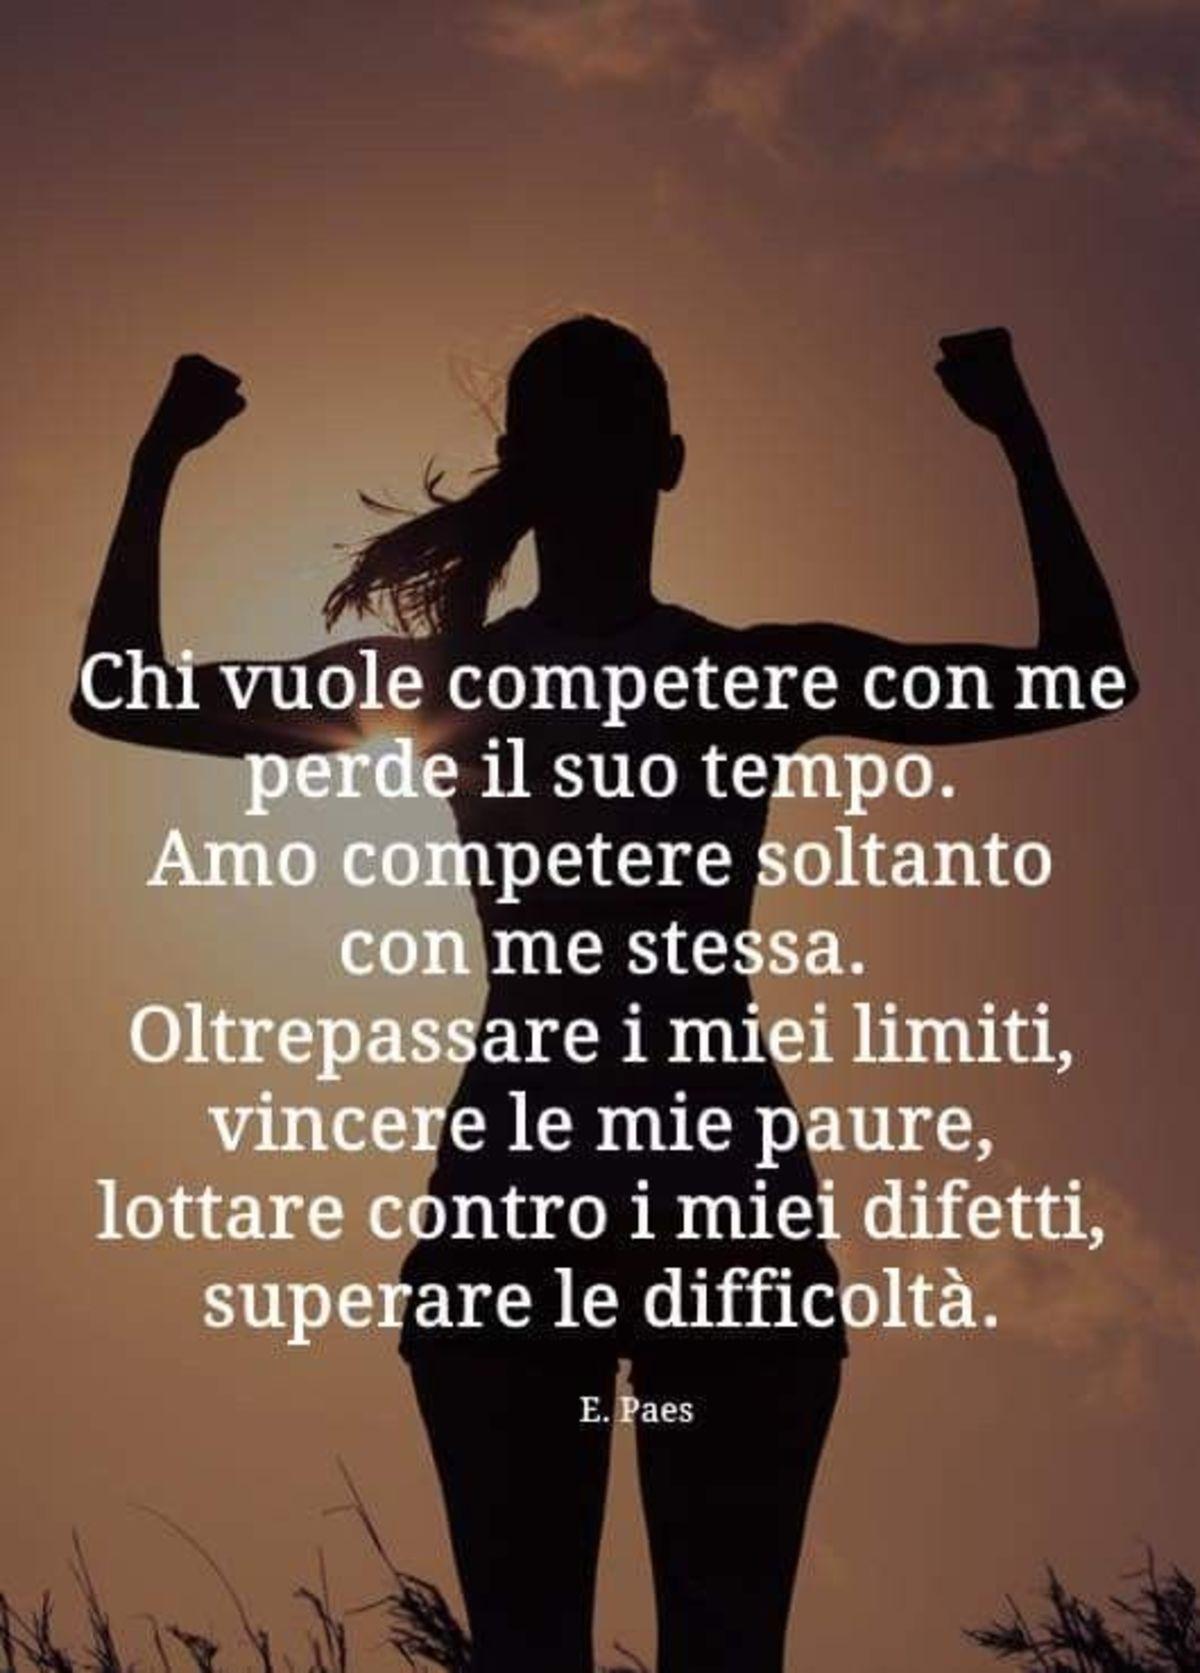 Chi vuole competere con me perde il suo tempo. Amo competere soltanto con me stessa.